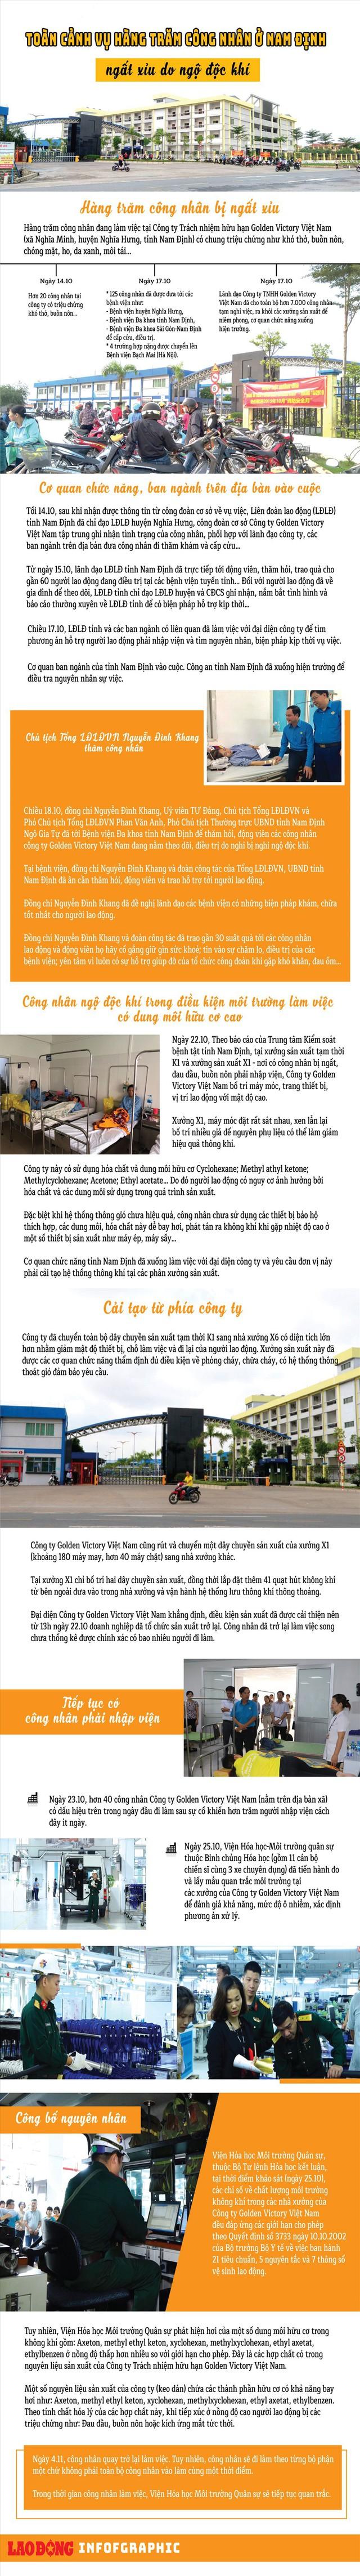 Toàn cảnh vụ công nhân ở Nam Định liên tiếp ngất xỉu do ngộ độc khí - Ảnh 1.